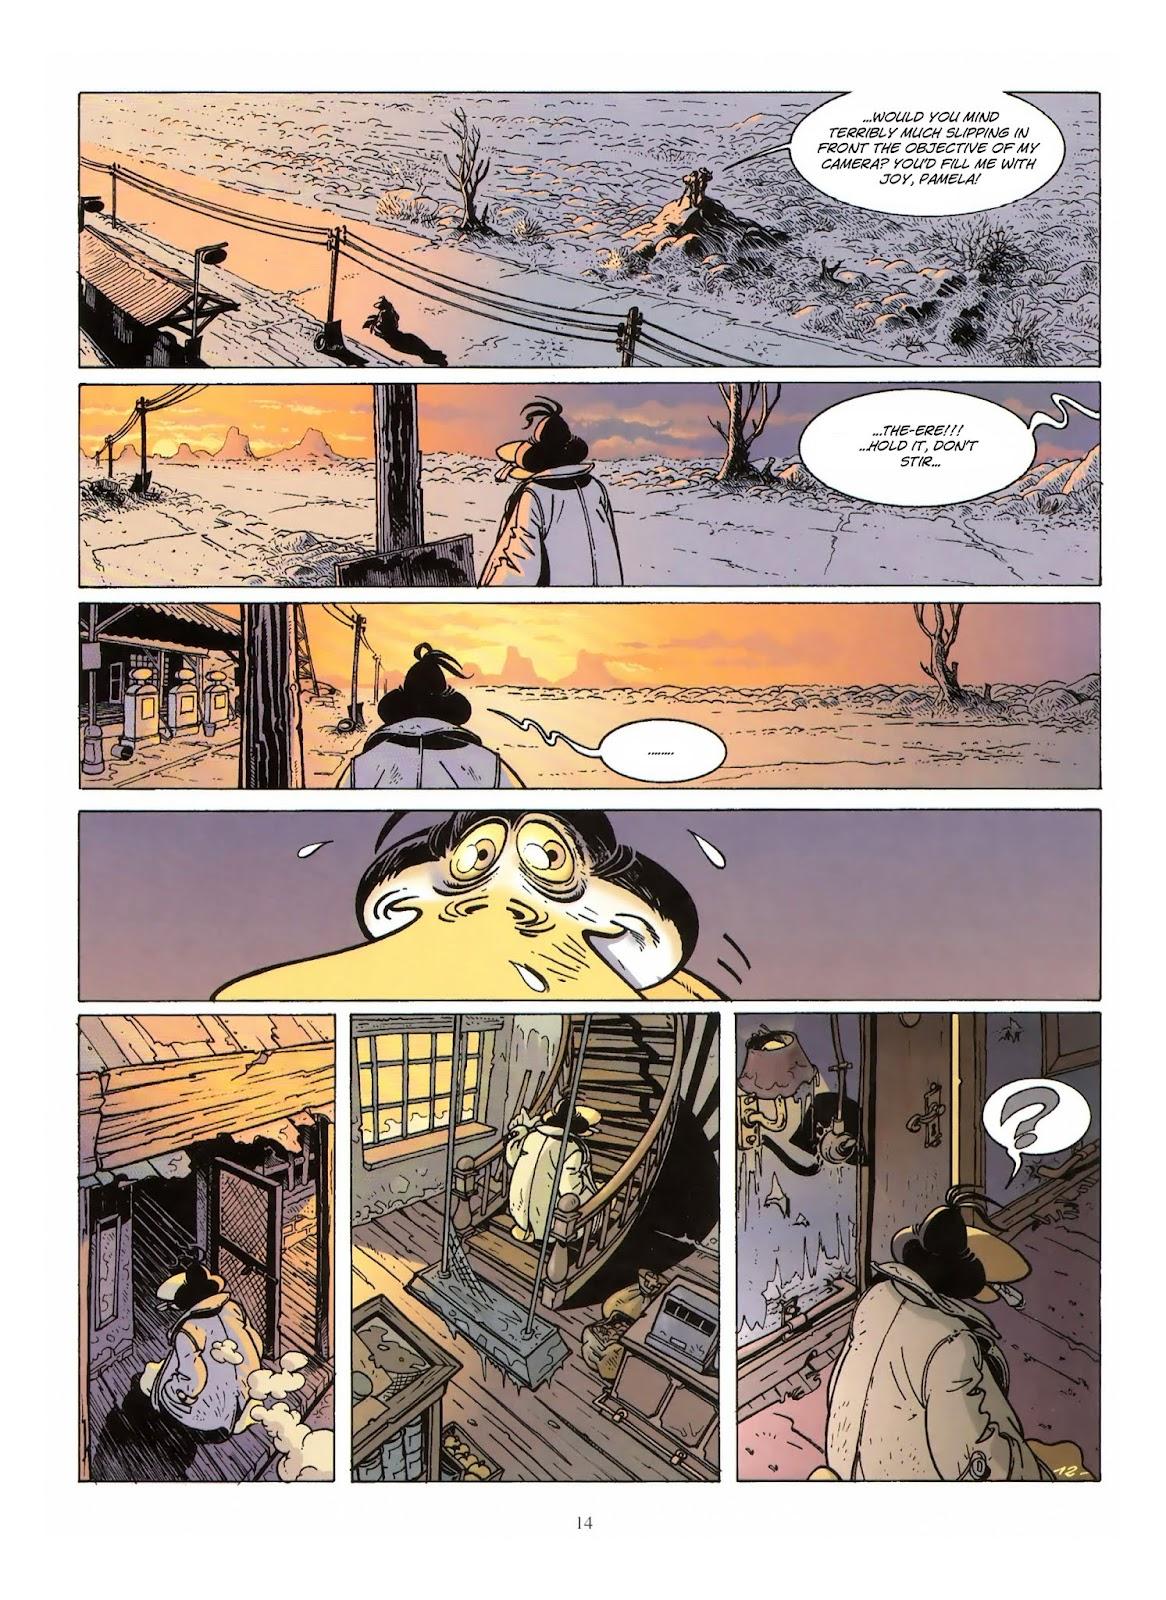 Une enquête de l'inspecteur Canardo issue 10 - Page 15